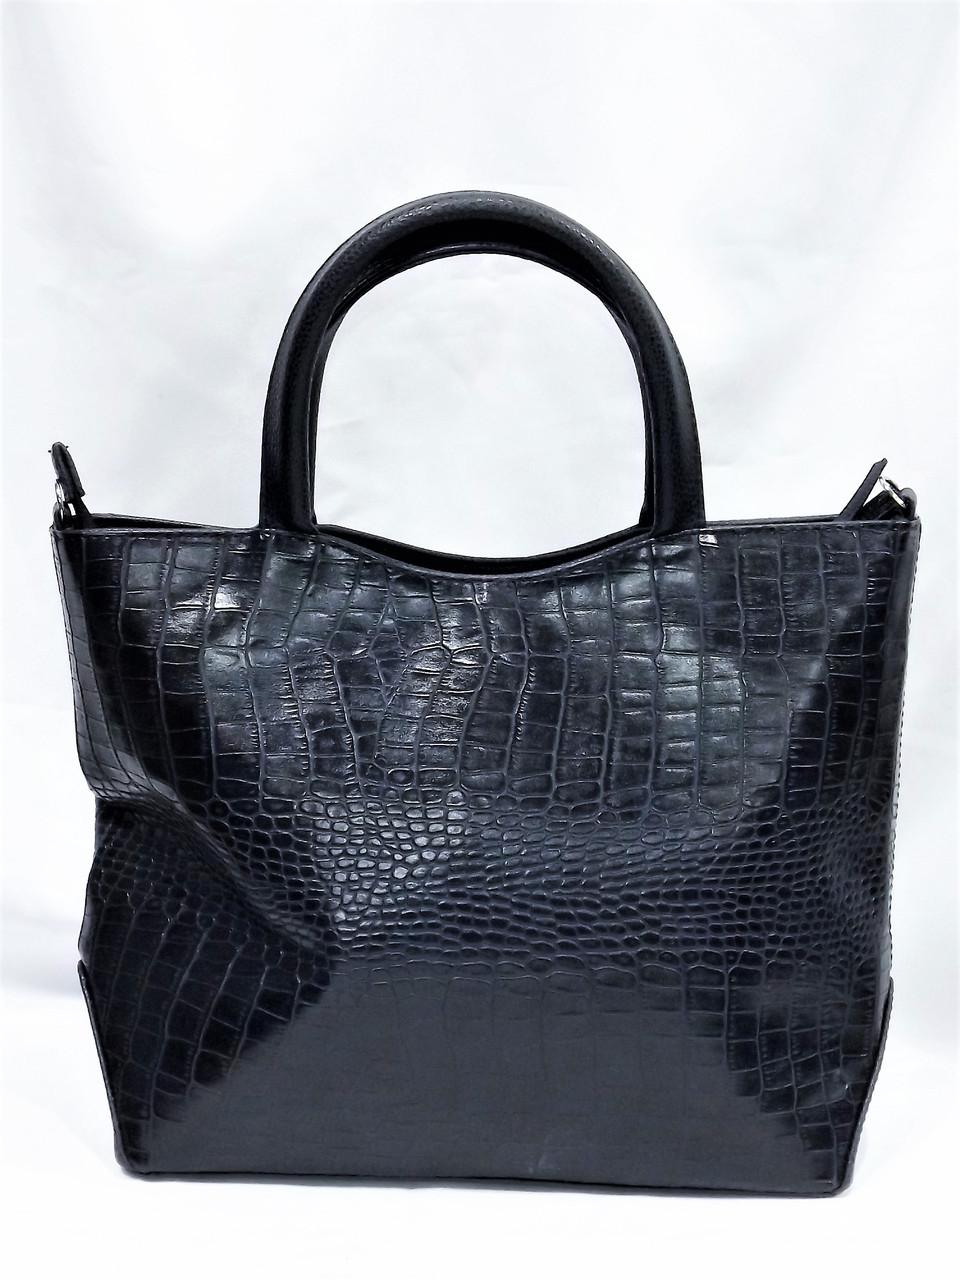 7dc8b60262eb Женская сумка модельная Камелия 11-39 синяя - интернет-магазин